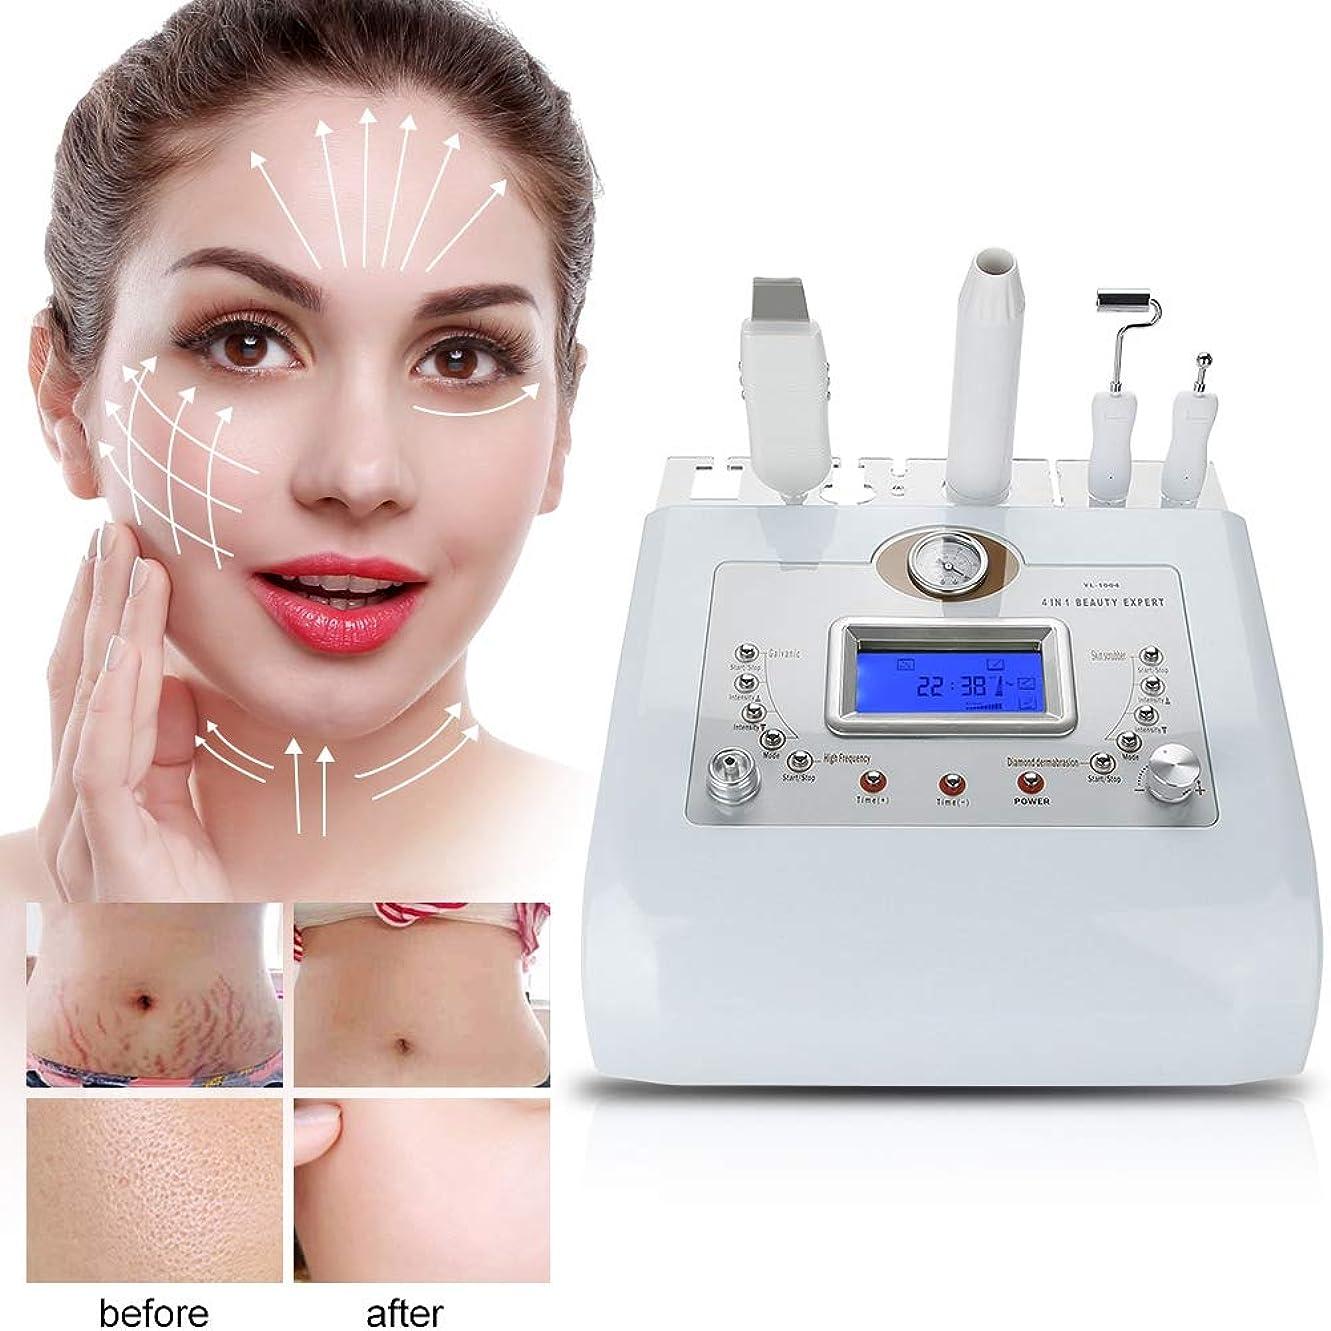 行為インキュバス脳4-in-1ダイヤモンド皮膚剥離美容機、SPA用美容室用機器トナー、RF +超音波+スキンスクラバー+ EMS電気治療 (白)